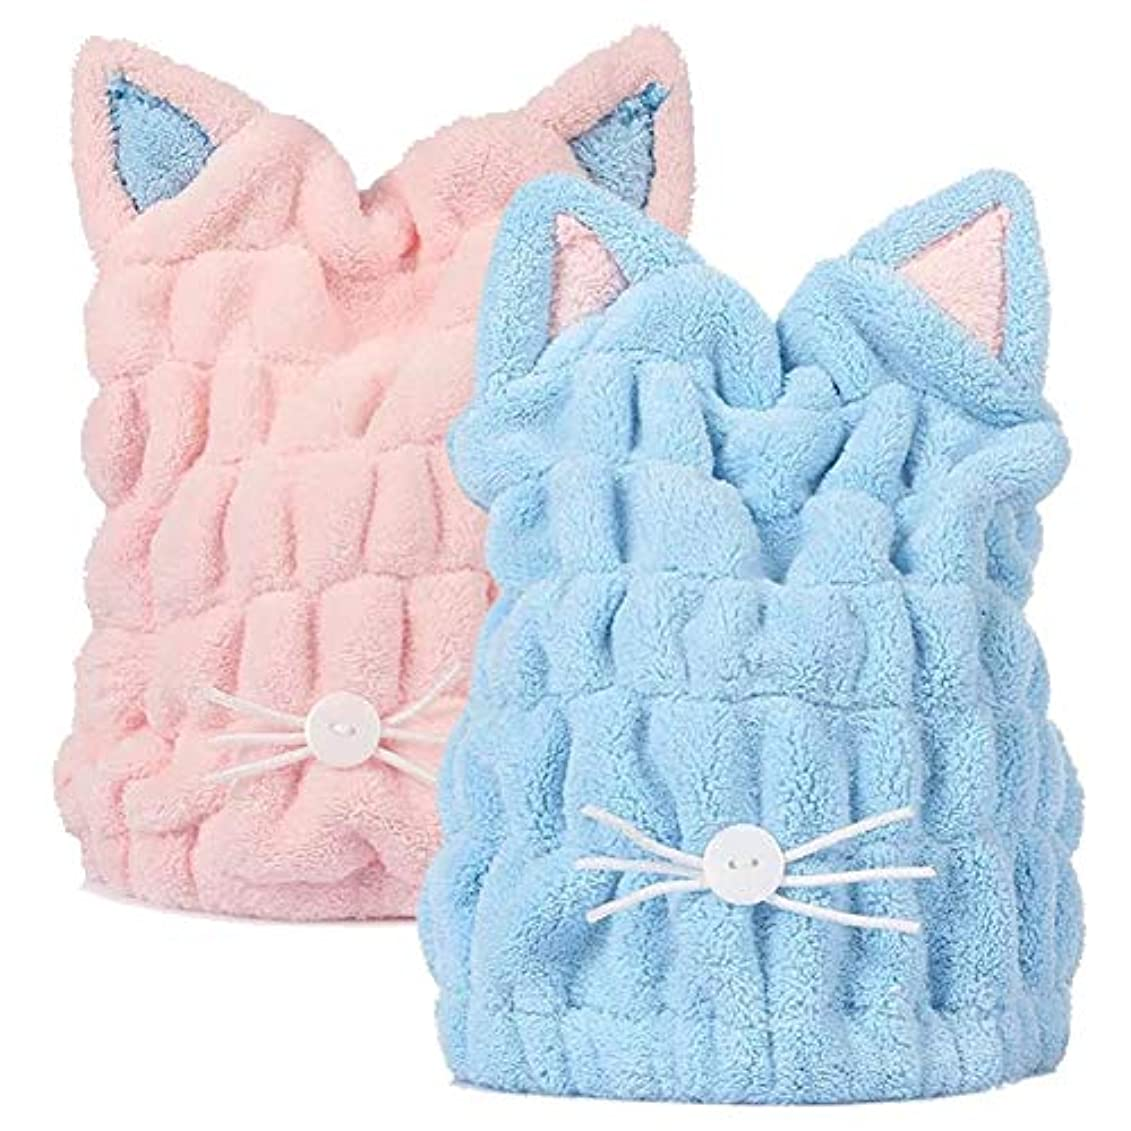 評判不名誉マイルJIEMEIRUI ヘアドライタオル 大人も子供も使える シャワーキャップ タオルキャップ 風邪を防ぐ 吸水 速乾 髪 ふわもこ ドライキャップ ヘアターバン 強い吸水性 お風呂上がり バス用品 (猫ちゃんー2枚セット)